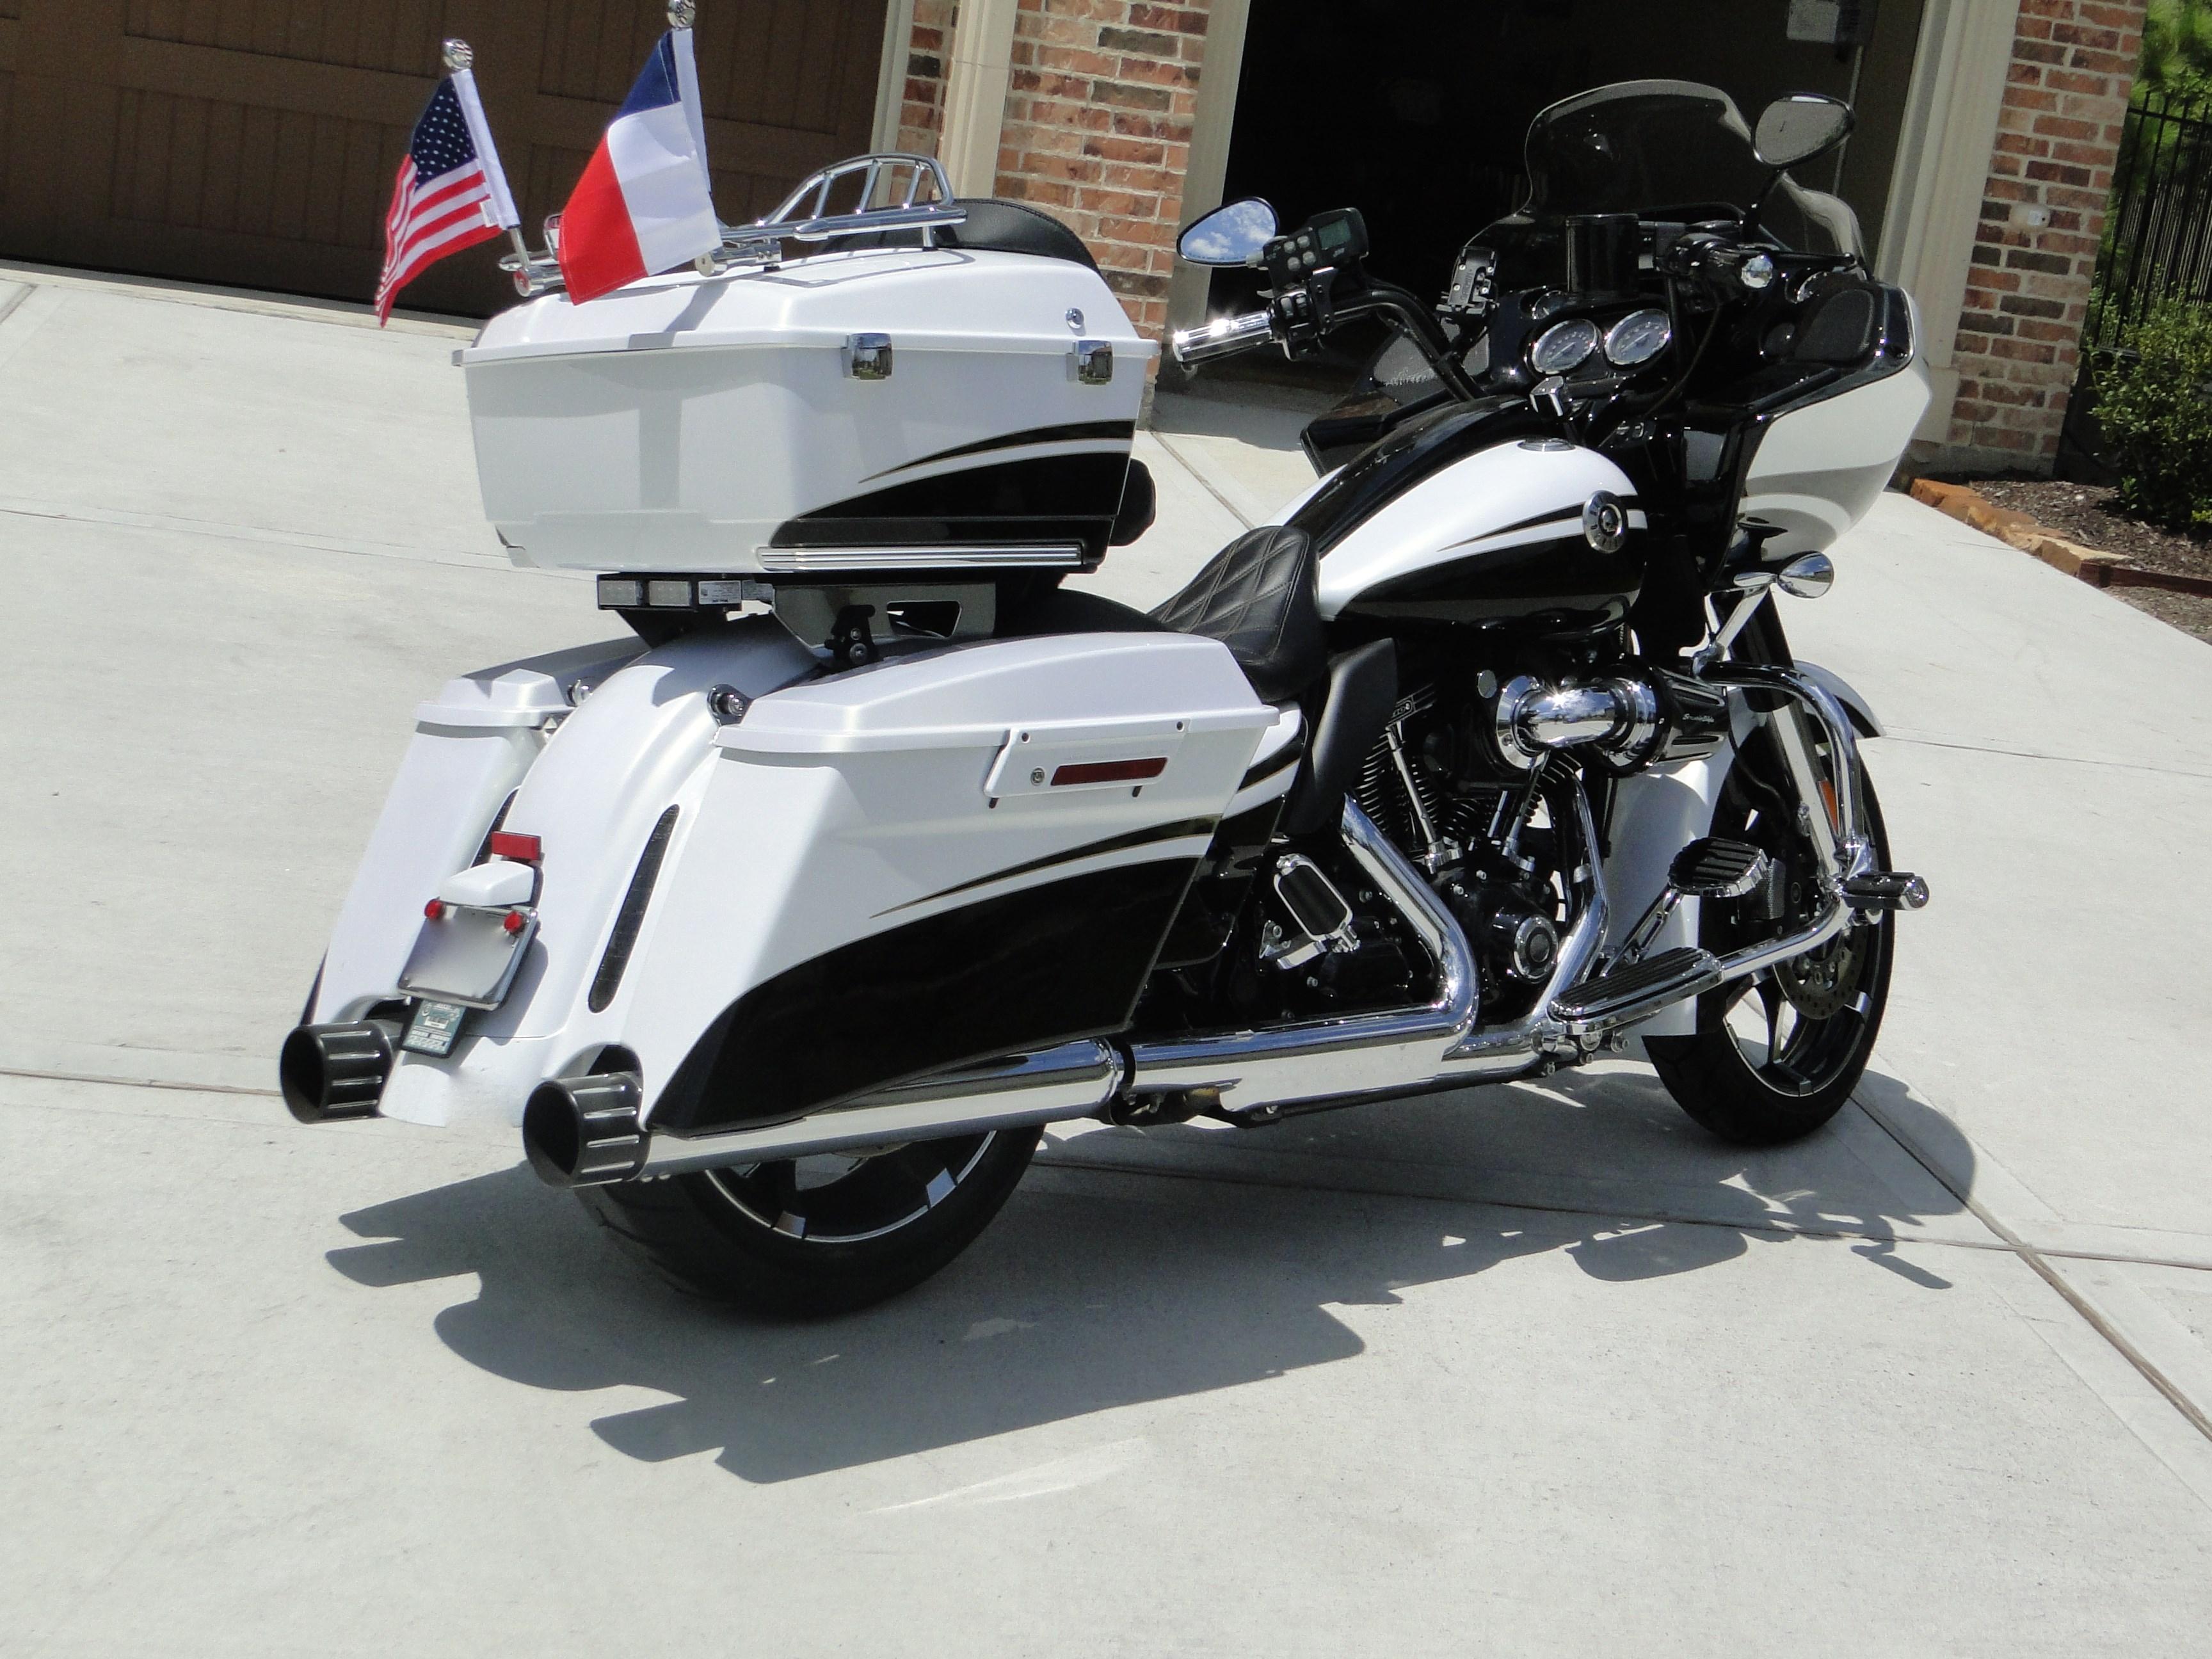 2012 Harley Davidson 174 Fltrxse Cvo Road Glide 174 Custom